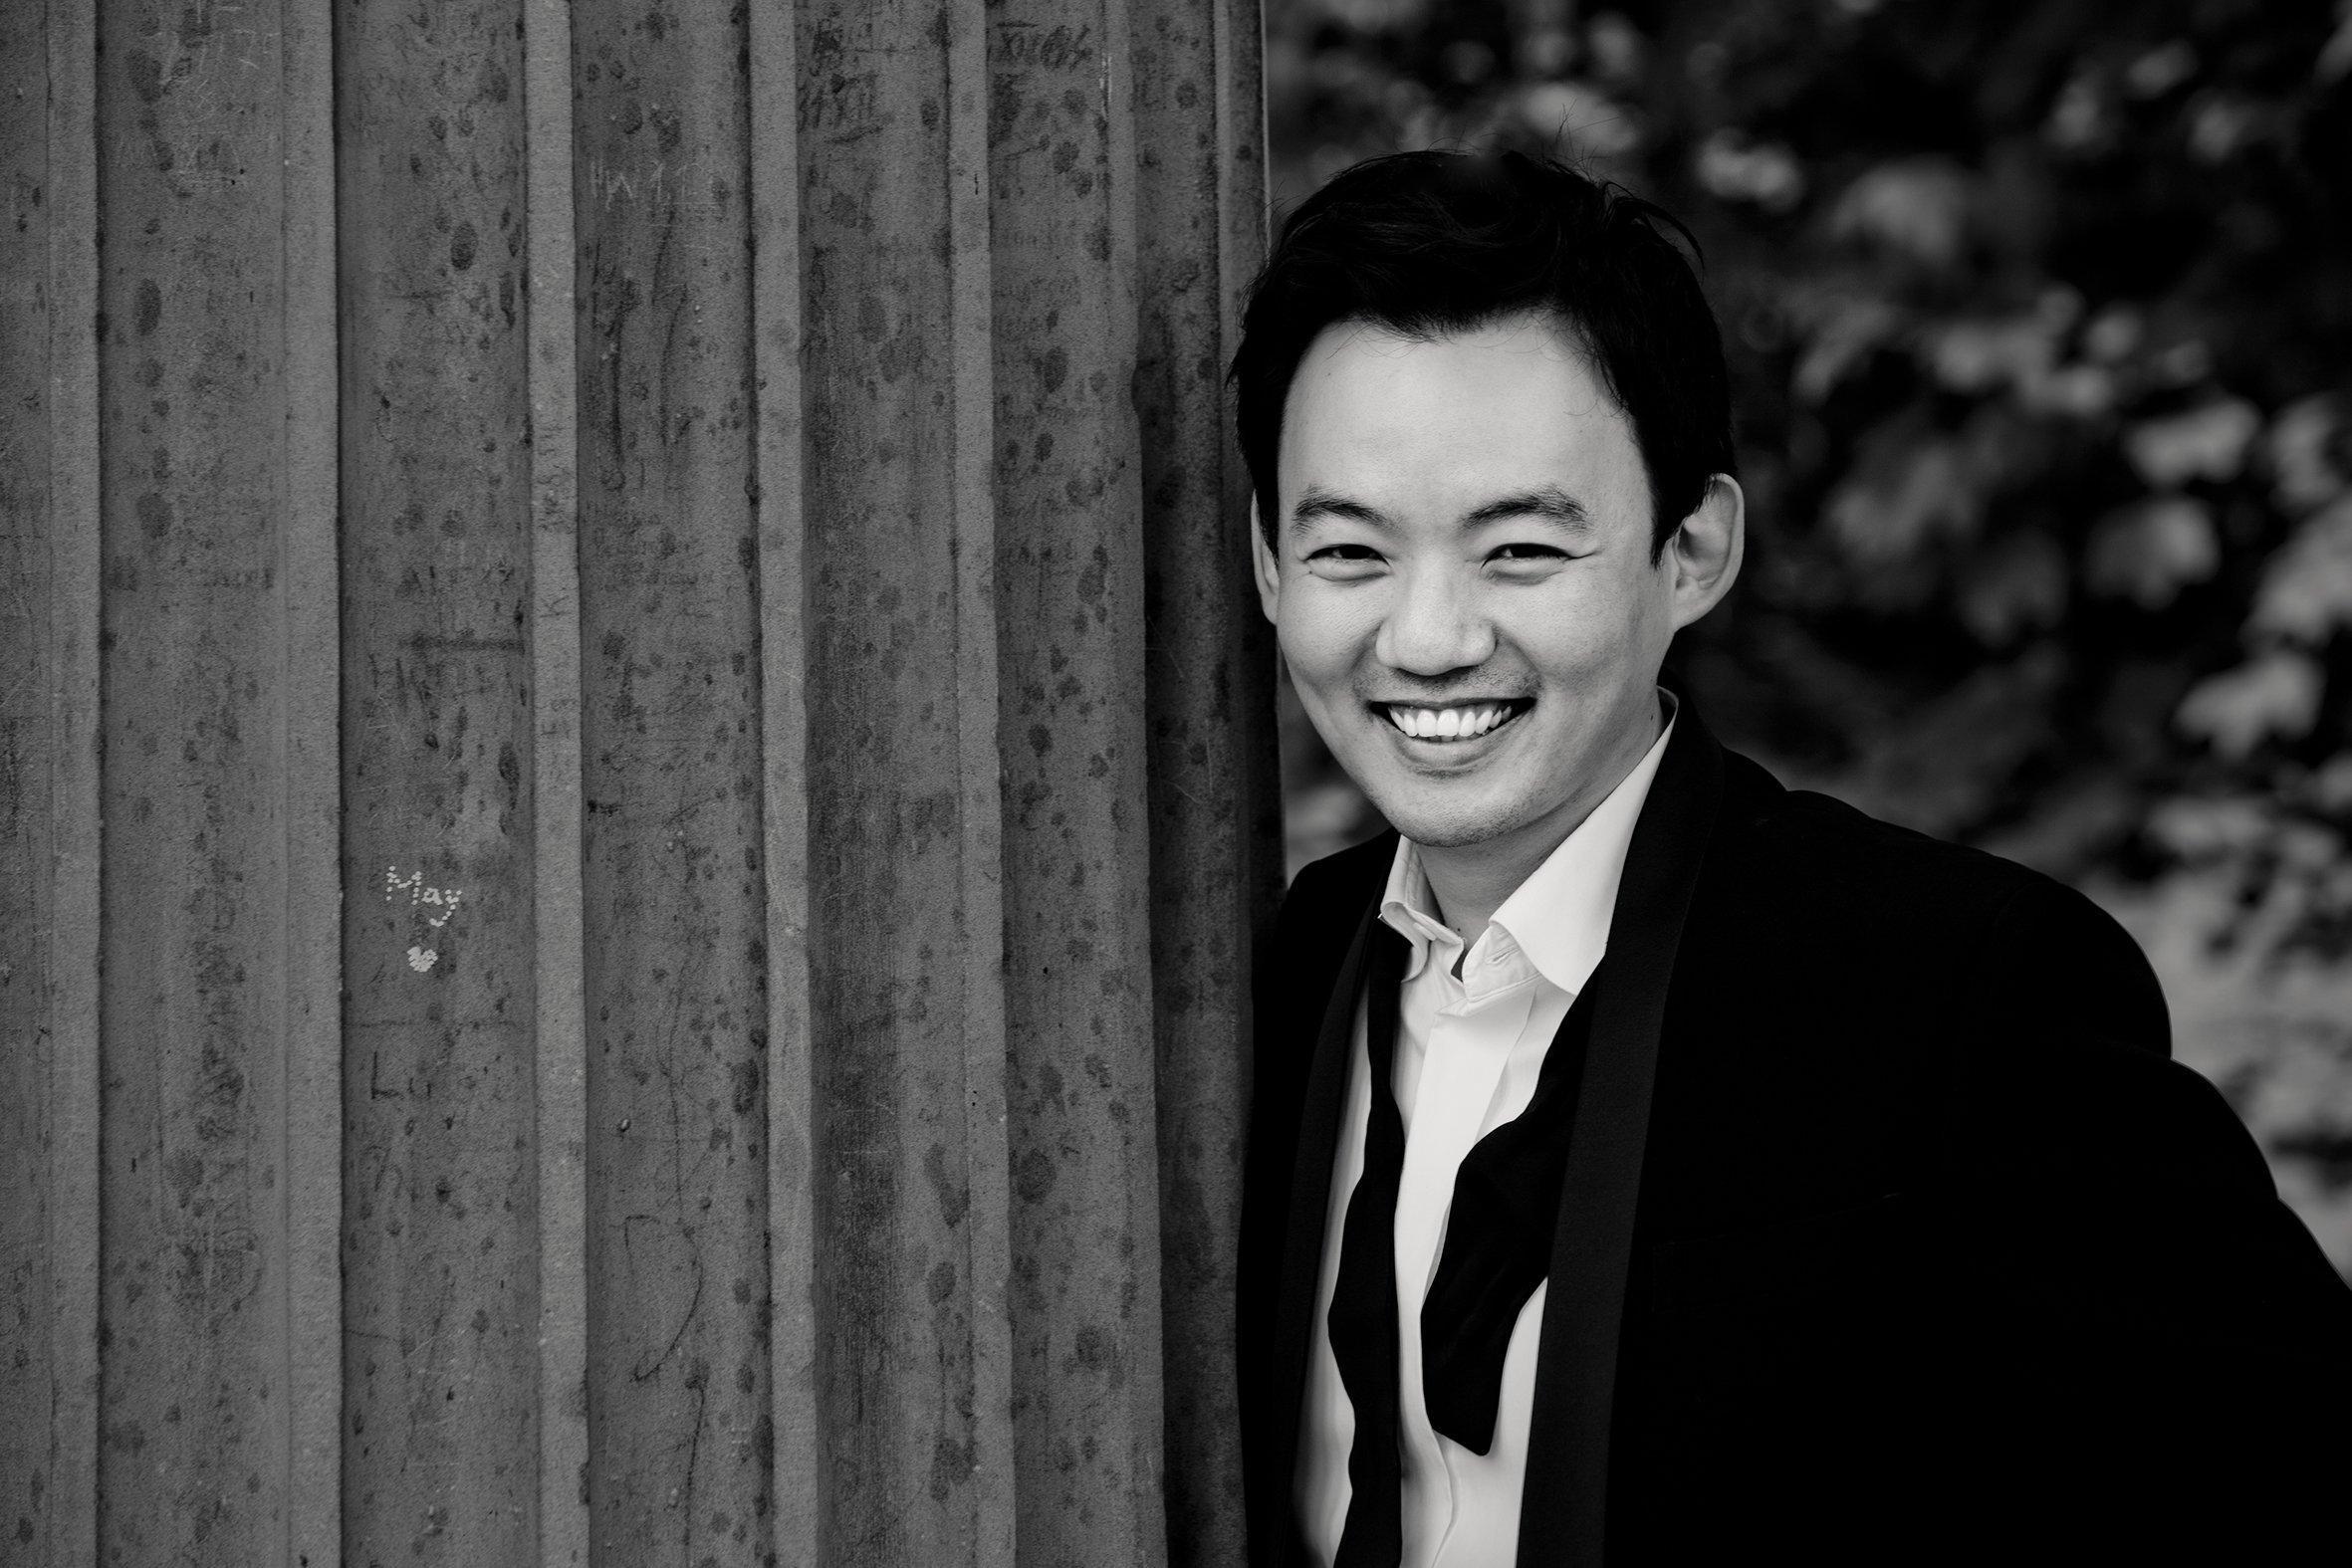 Der Pianist William Youn steht lachend, draußen vor einer Wand